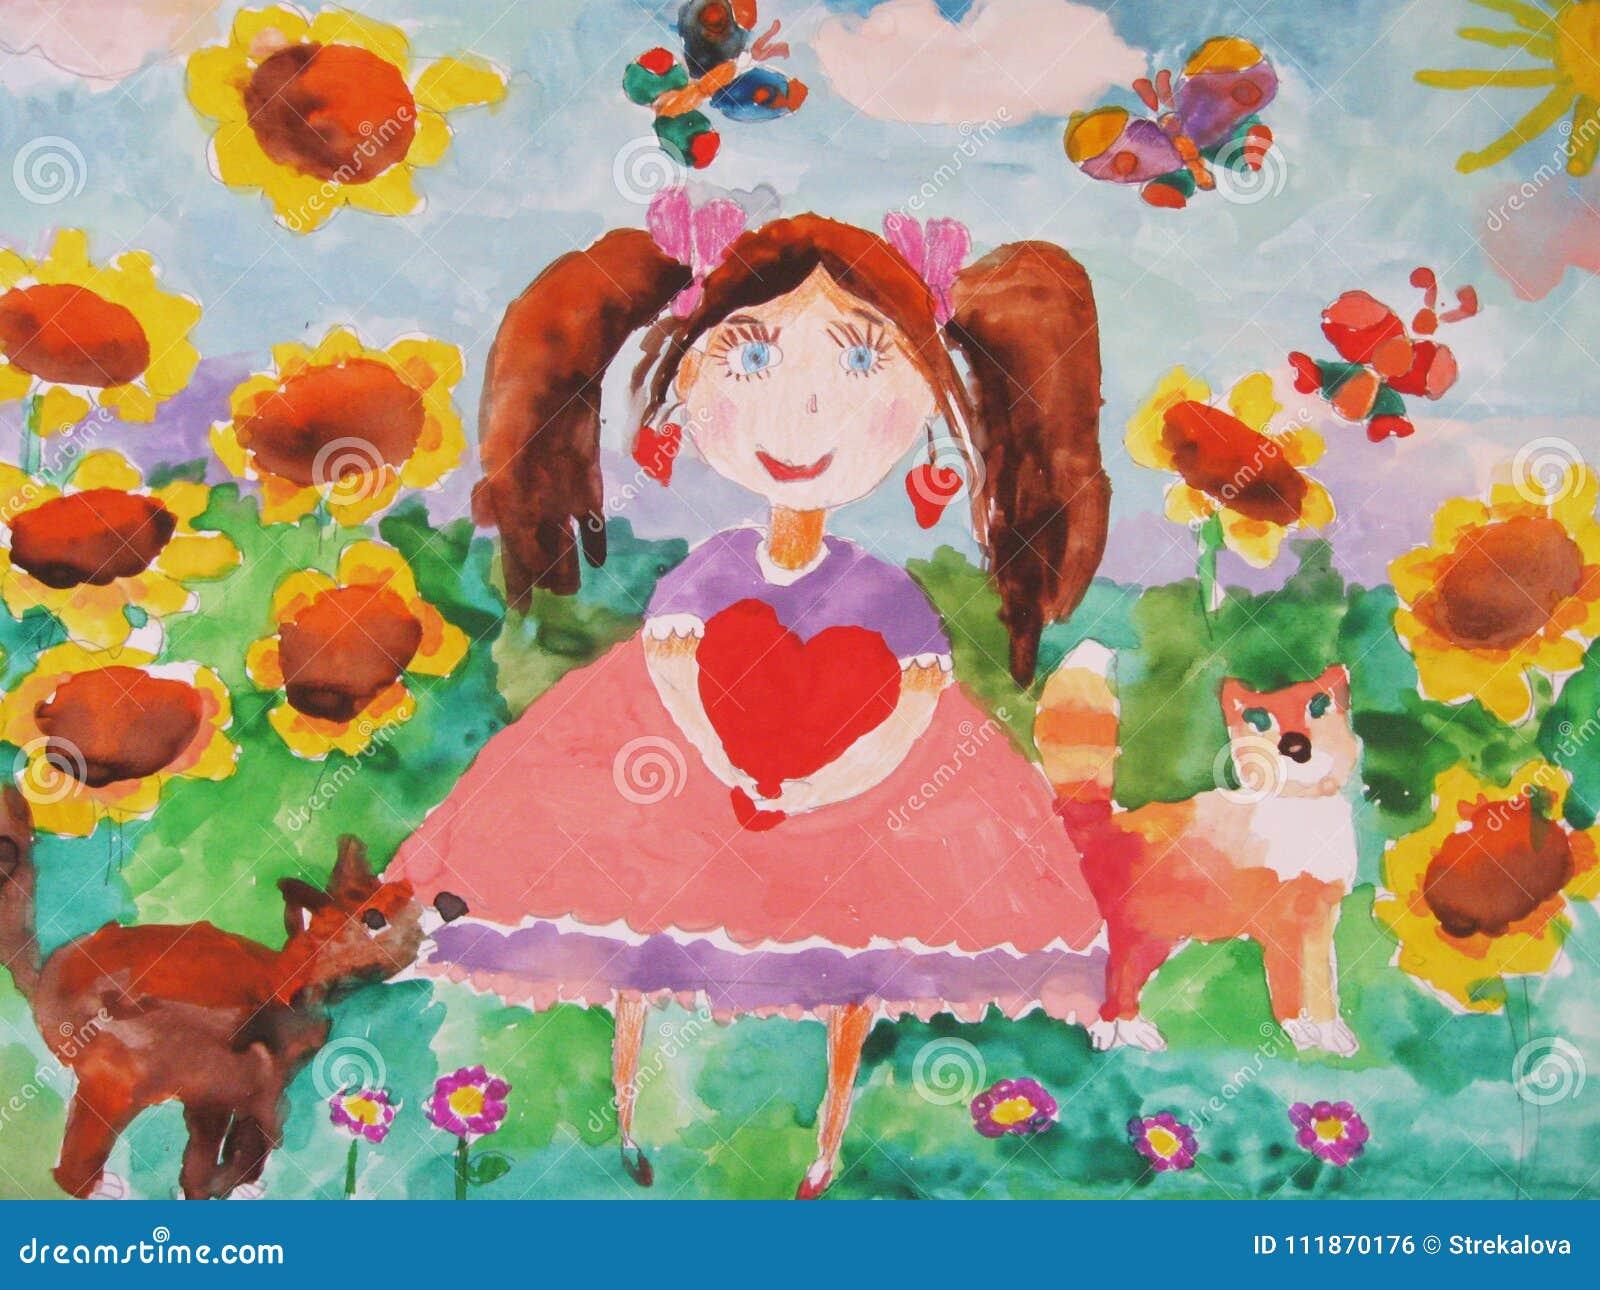 Disegno Di Un Bambino : Disegno del ` s del bambino di una ragazza su un prato con un